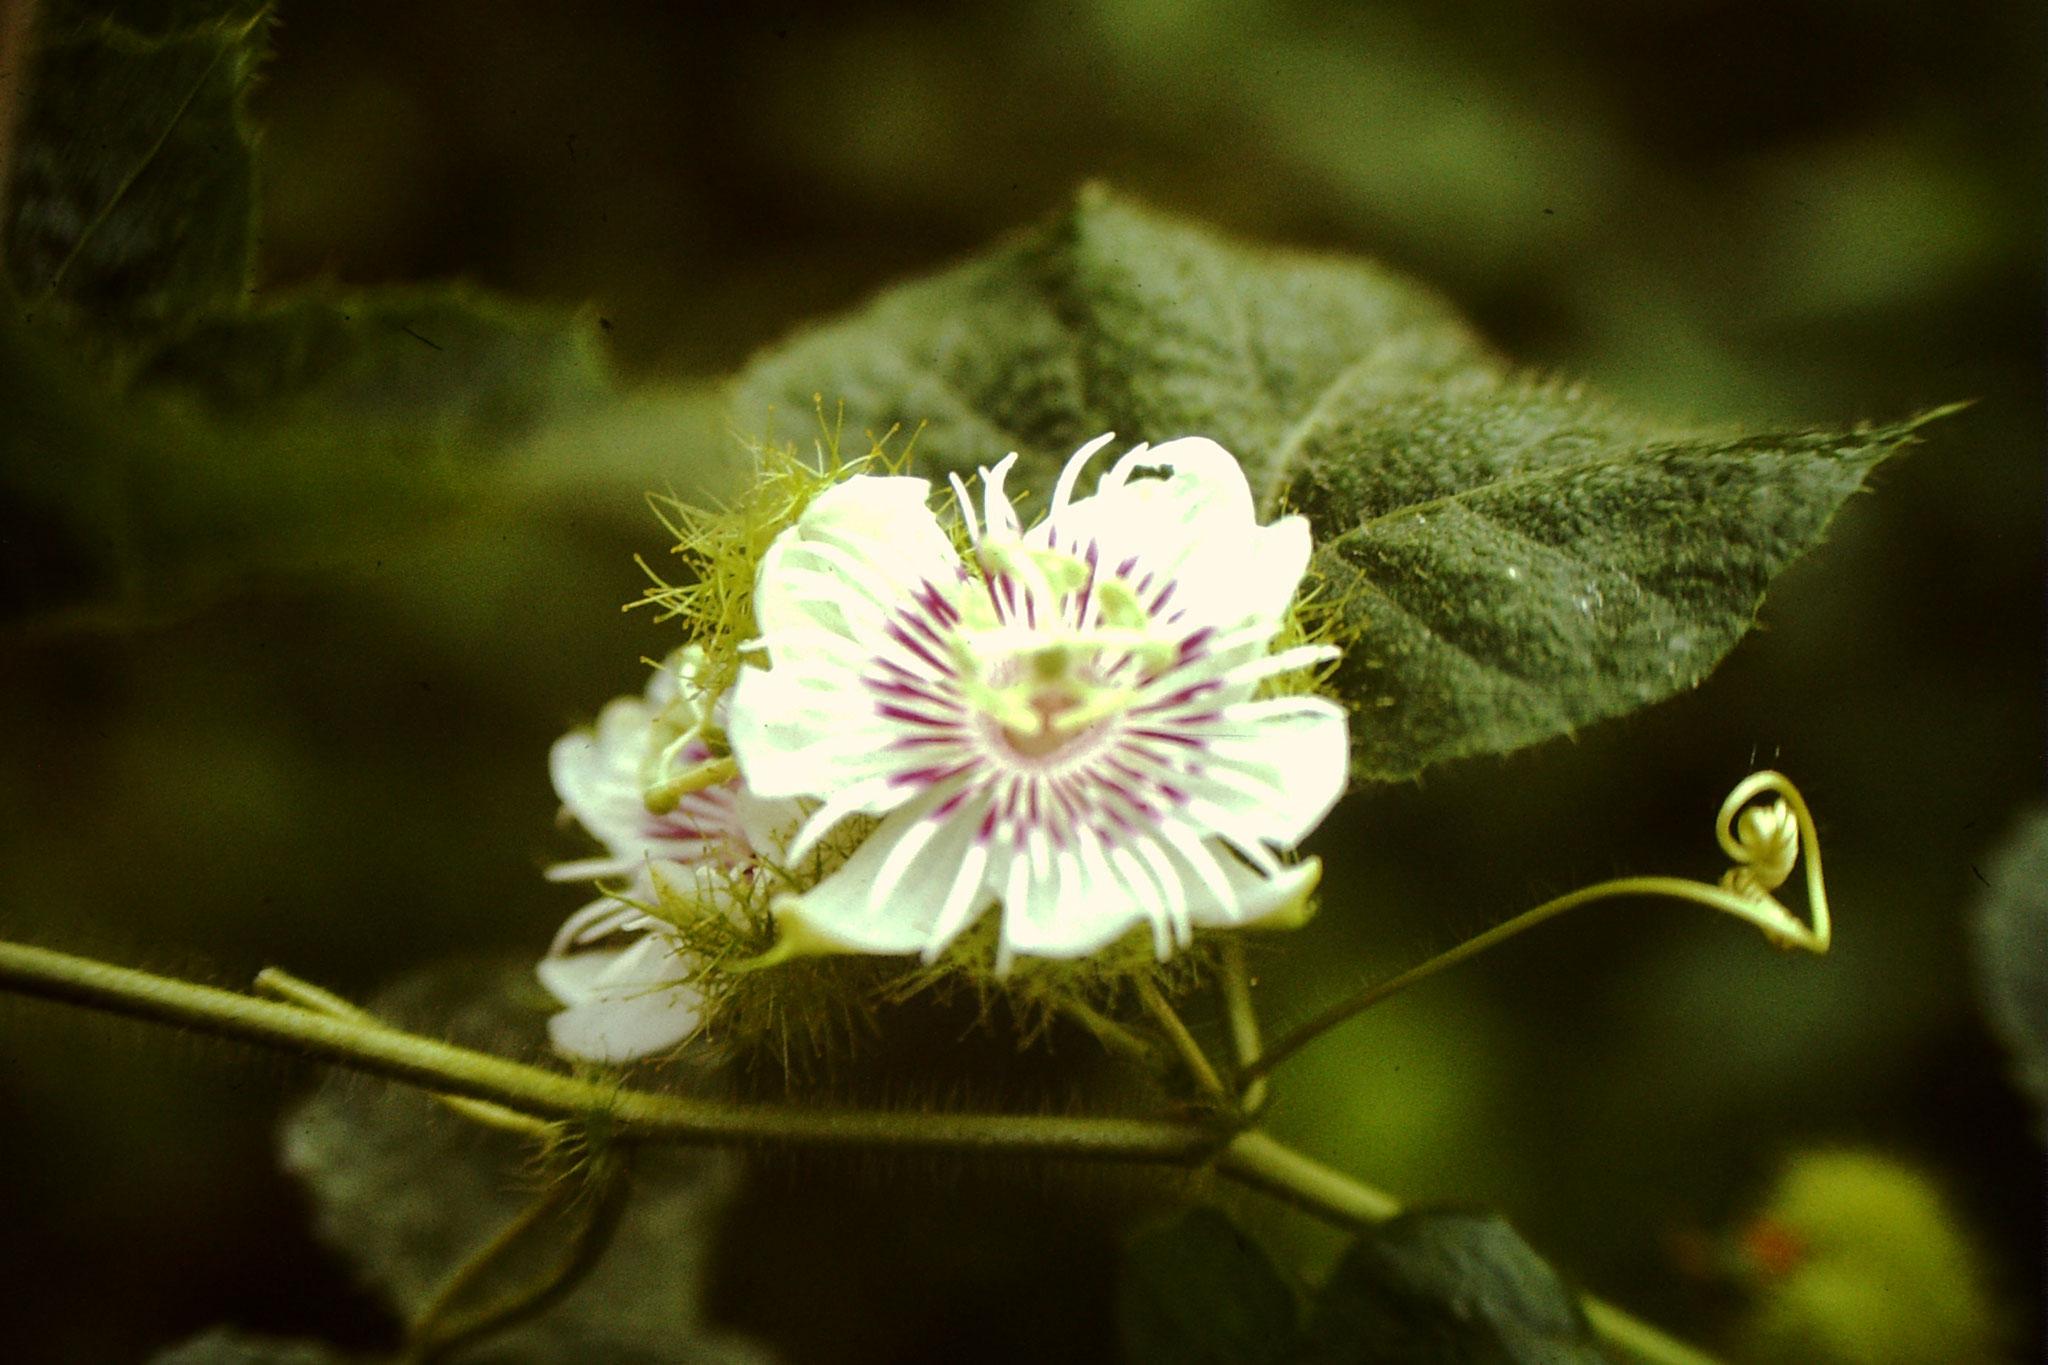 """15. Im Ordner in dem ich fein säuberlich die Dias beschriftete steht bei diesem Bild """"Blume"""". Mittlerweile weiss ich, das dies die Blüte der Frucht Maracuja ist. Maracuja wird auch  Passionsfrucht genannt. Im Nachhinein ärgert es mich, dass wir nicht nach"""